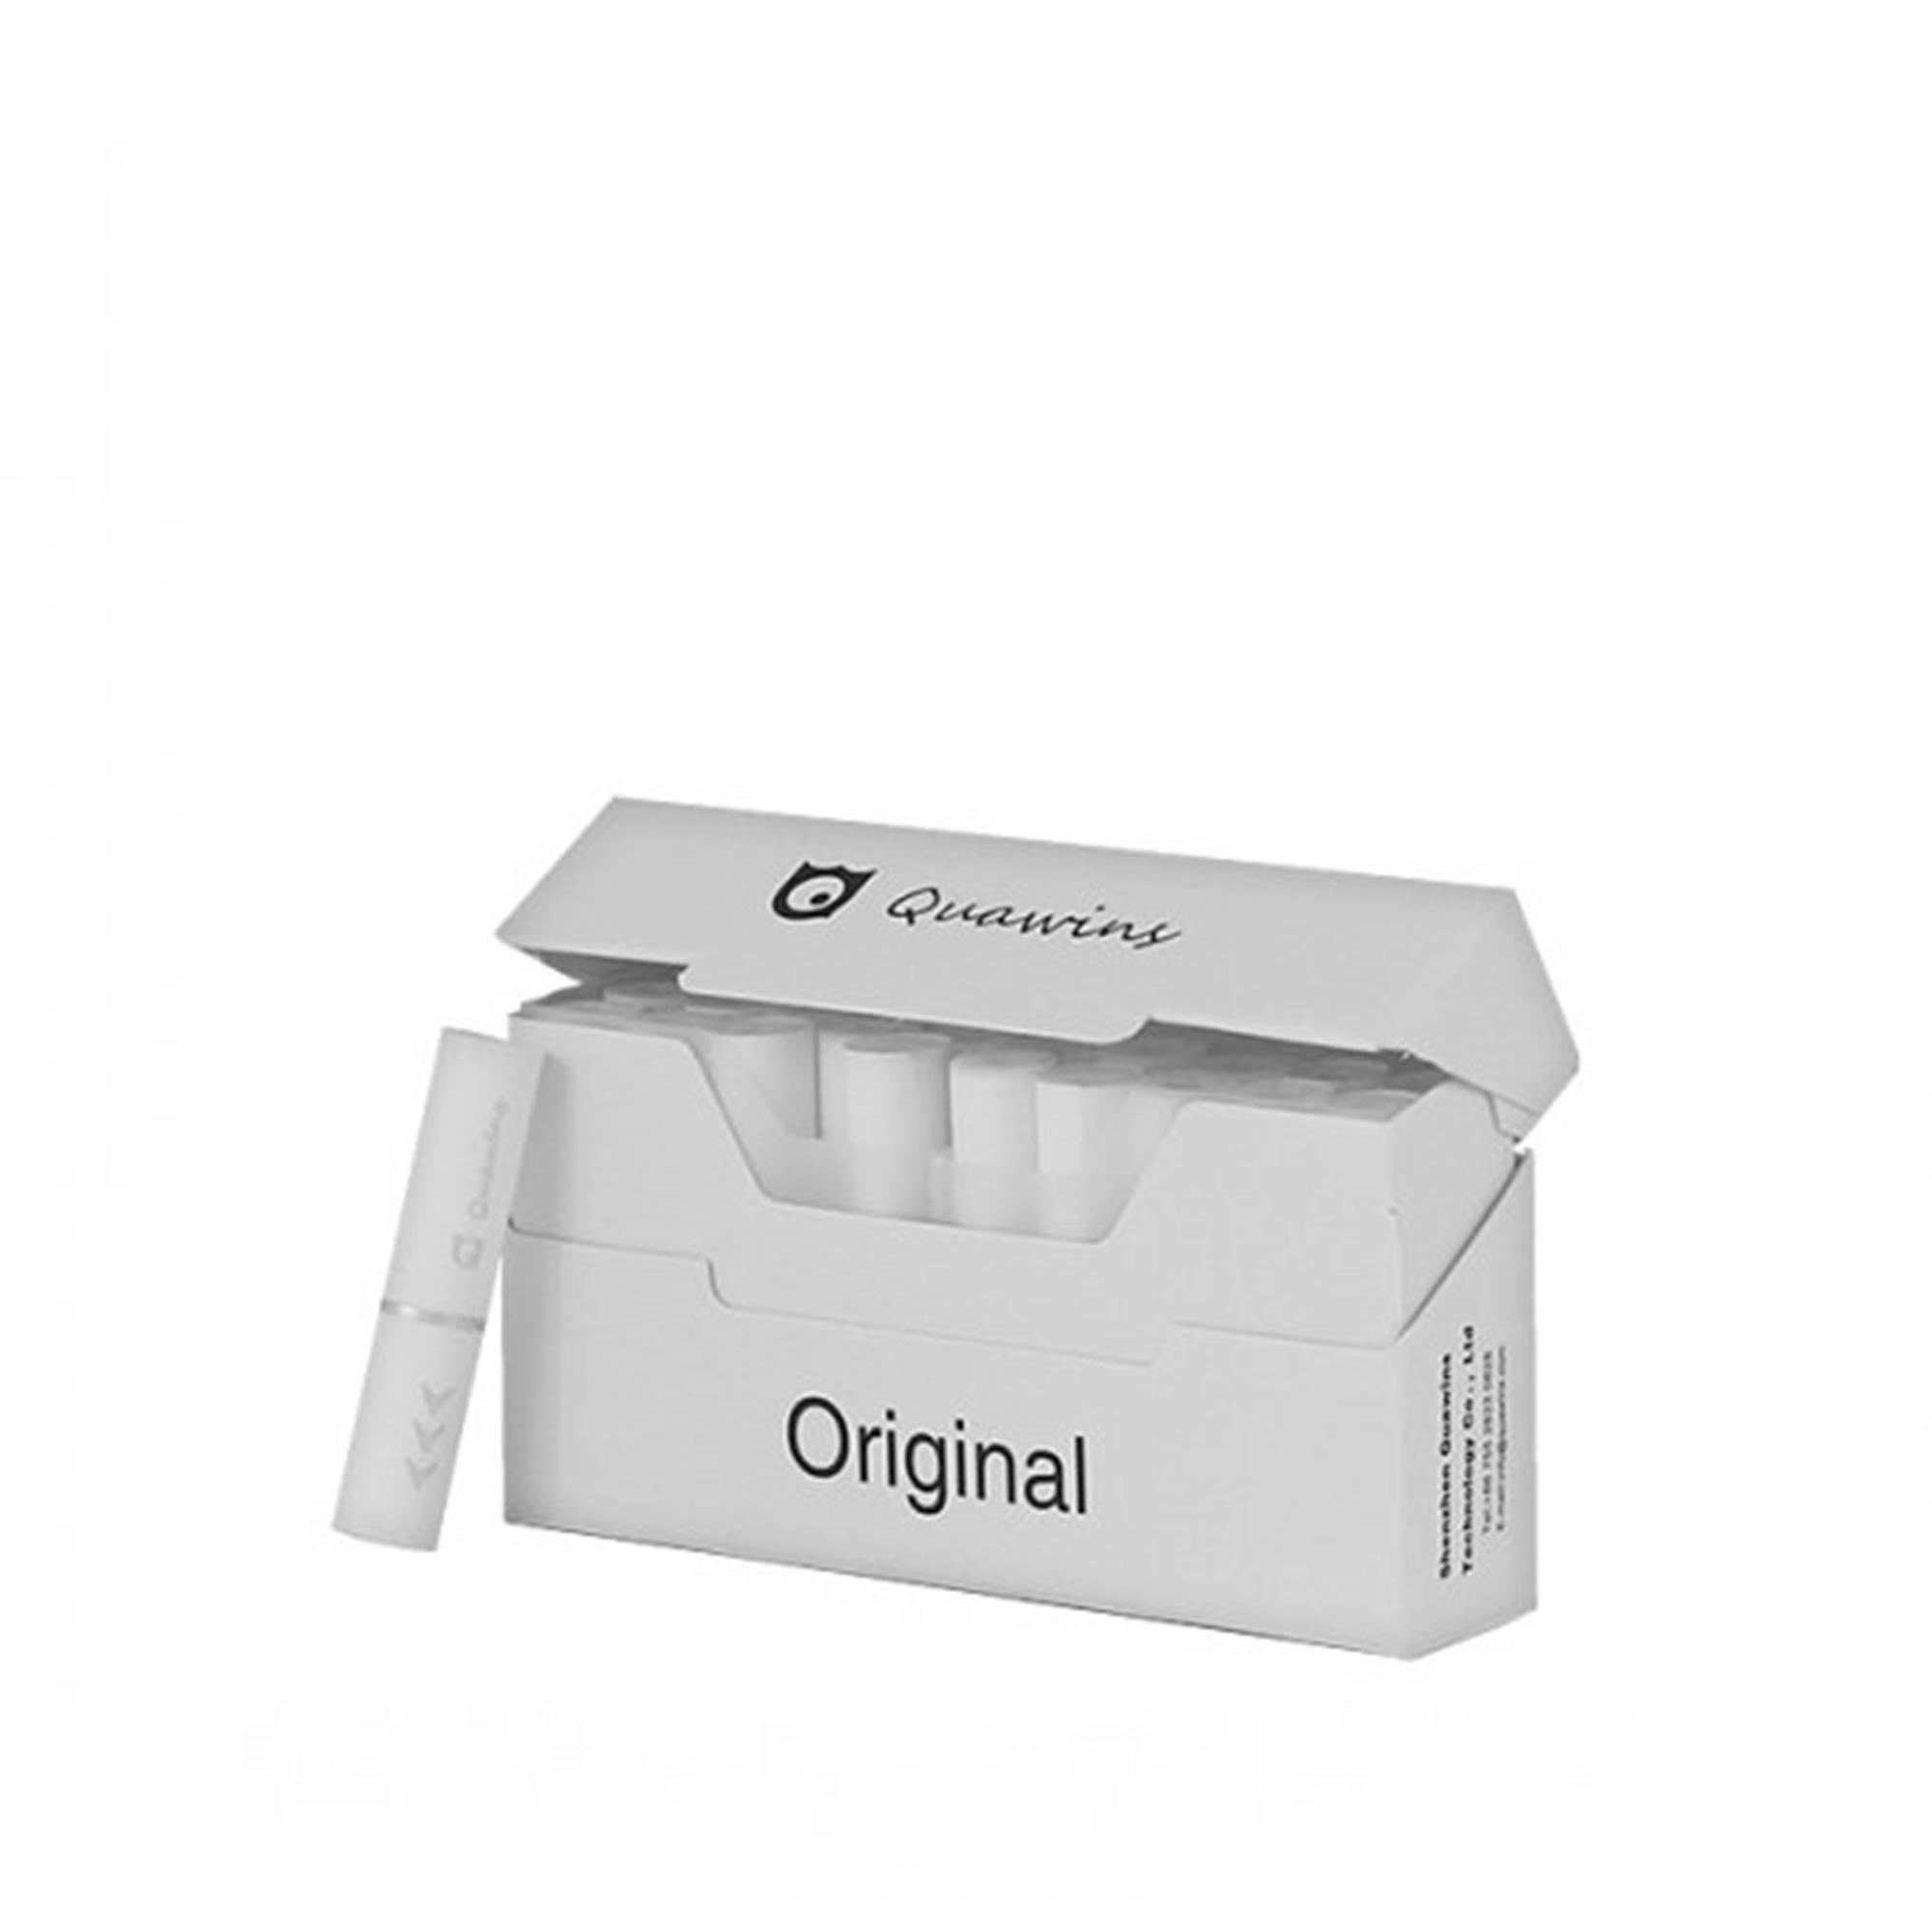 Quawins Vstick Pro Filter (20er Pack)